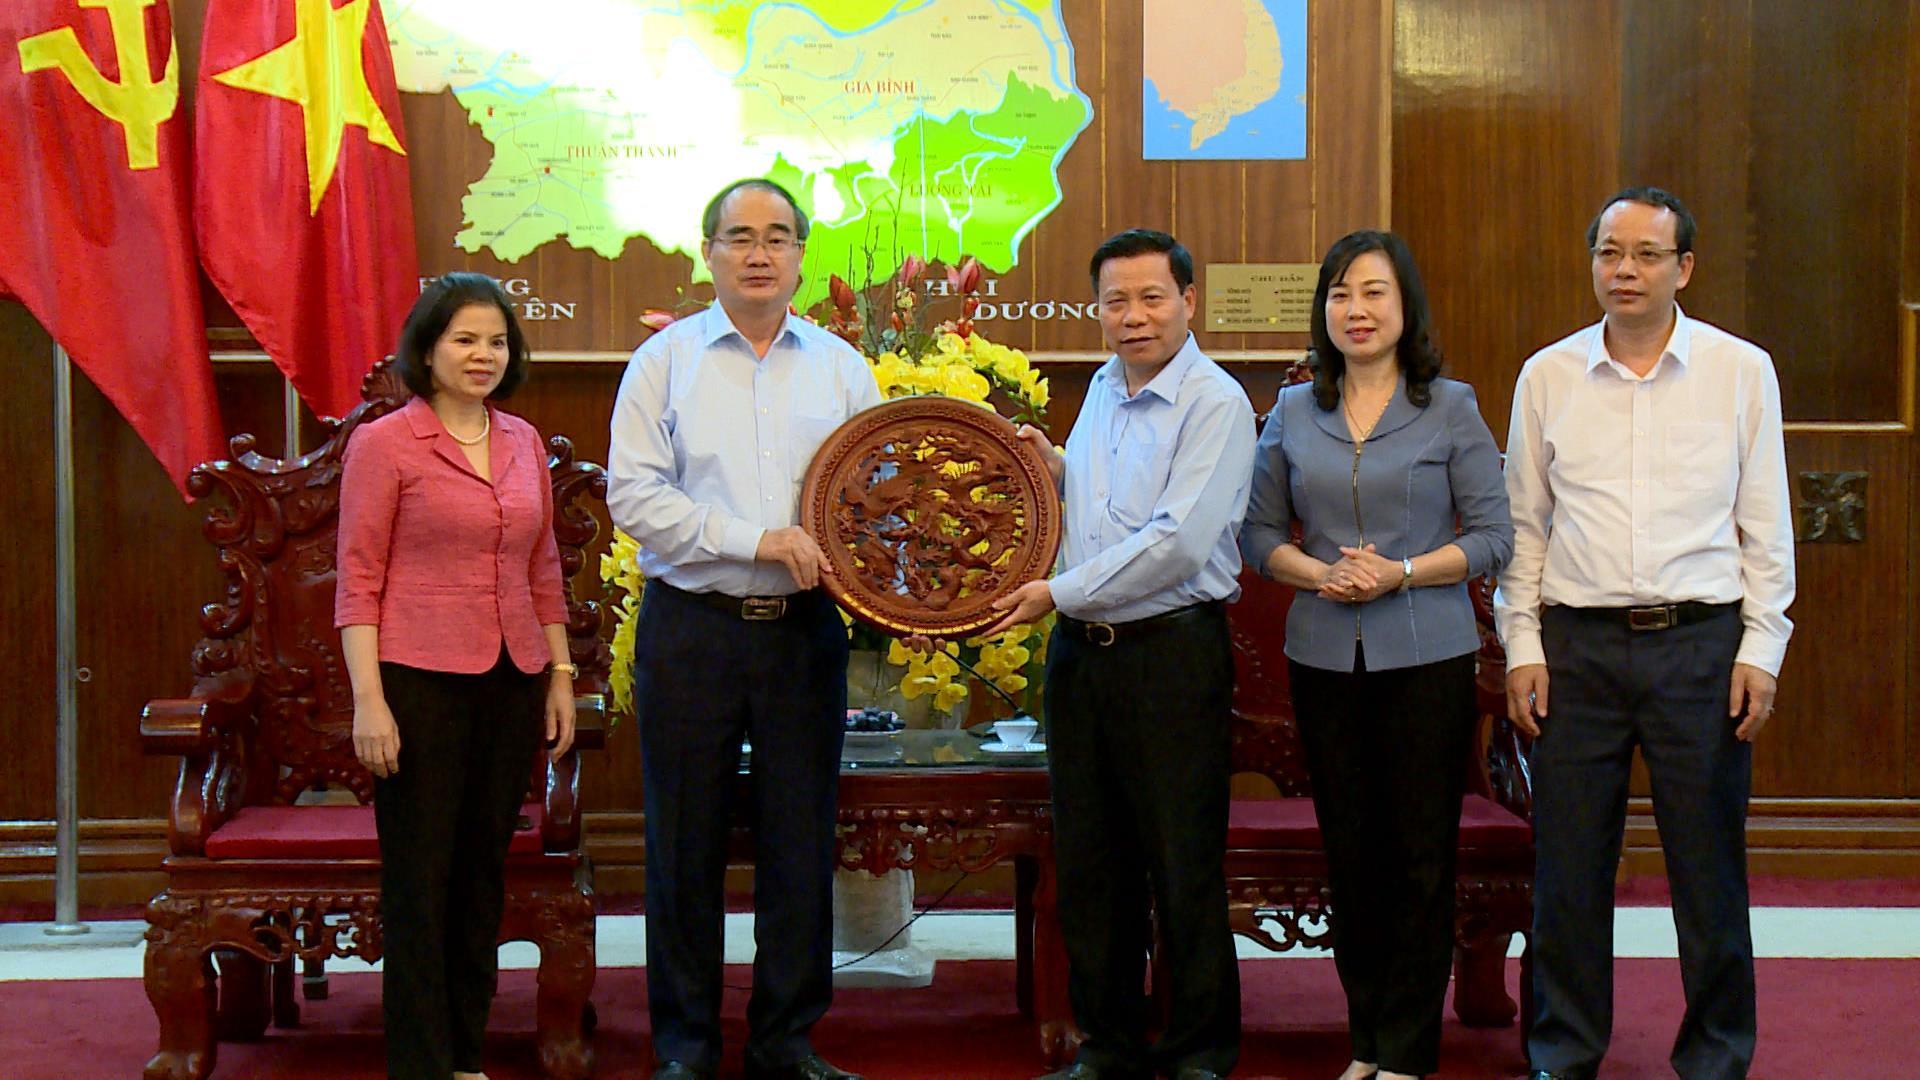 Đồng chí Nguyễn Thiện Nhân làm việc với Tỉnh uỷ Bắc Ninh